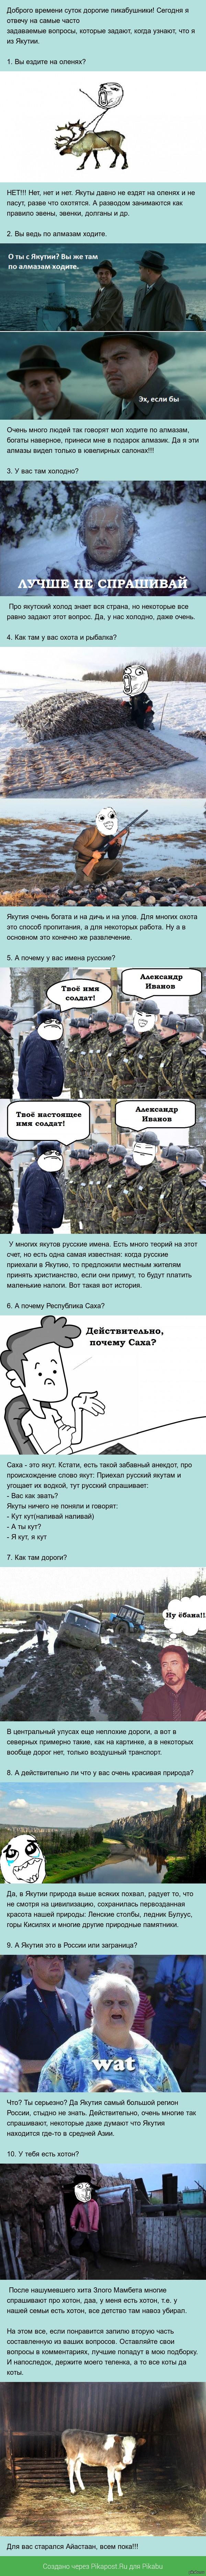 Самые популярные вопросы о Якутии Возможны грамматические и пунктуационные ошибки, заранее извиняюсь